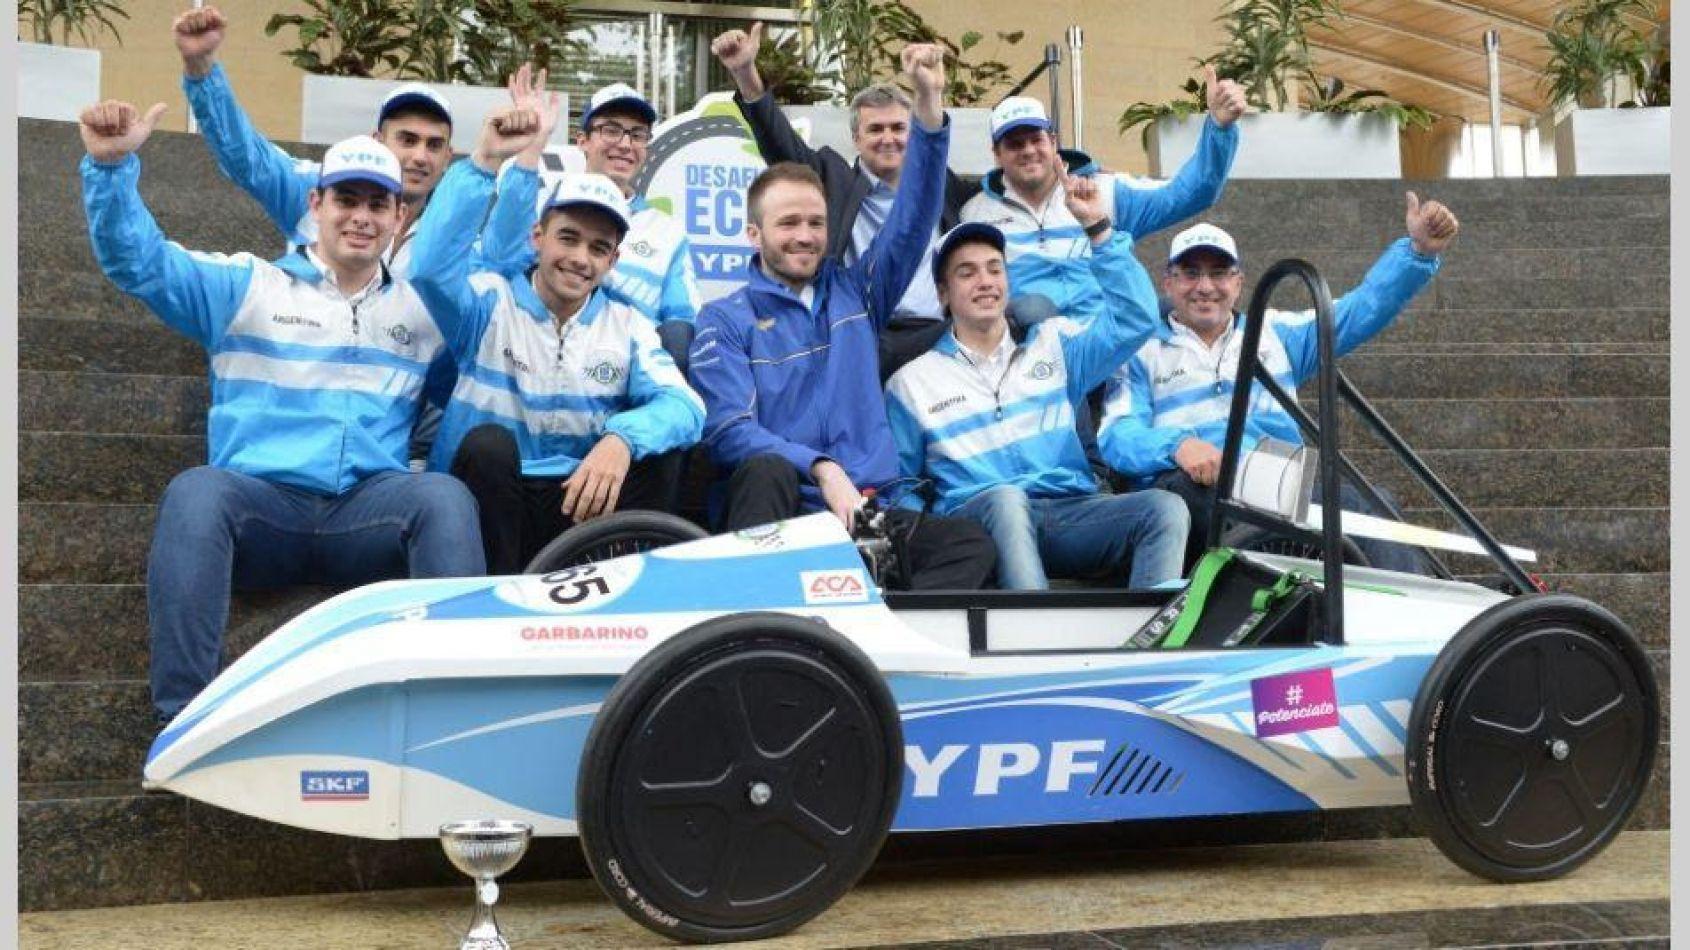 Desafío Eco YPF